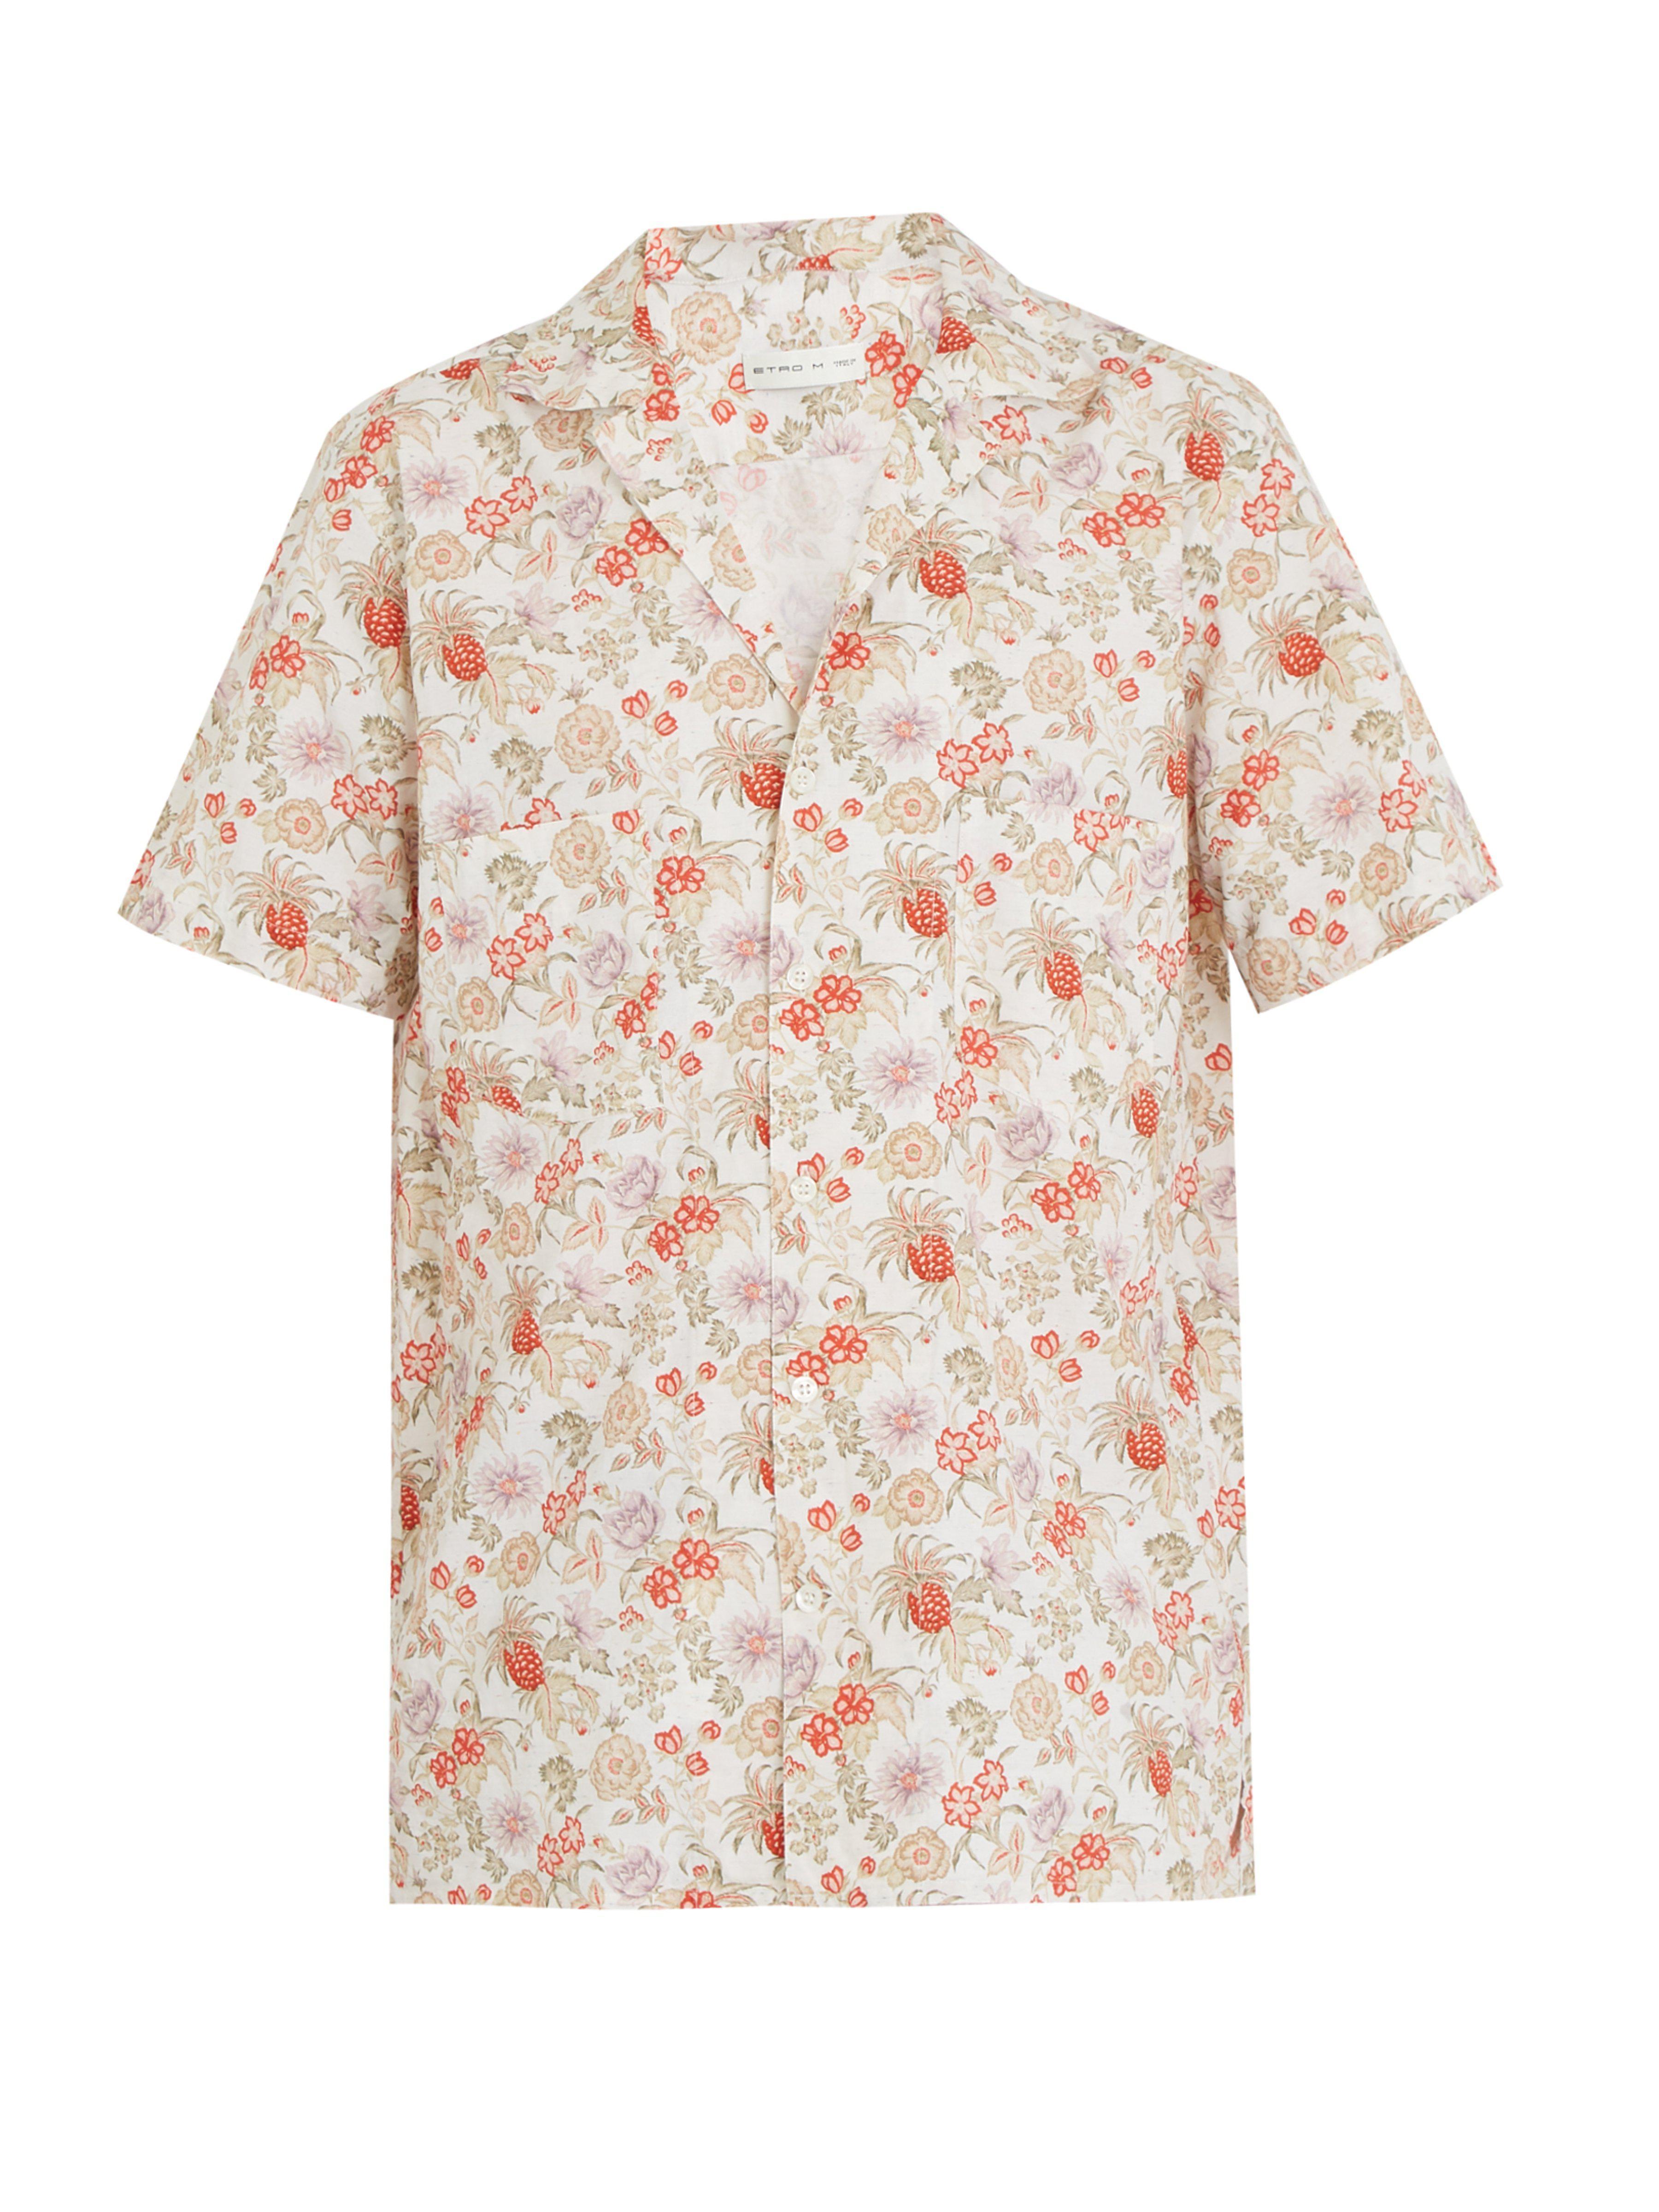 ... Chemise manches courtes en coton à imprimé fleuri for Men - Lyst.  Afficher en plein écran 5202959d9e4